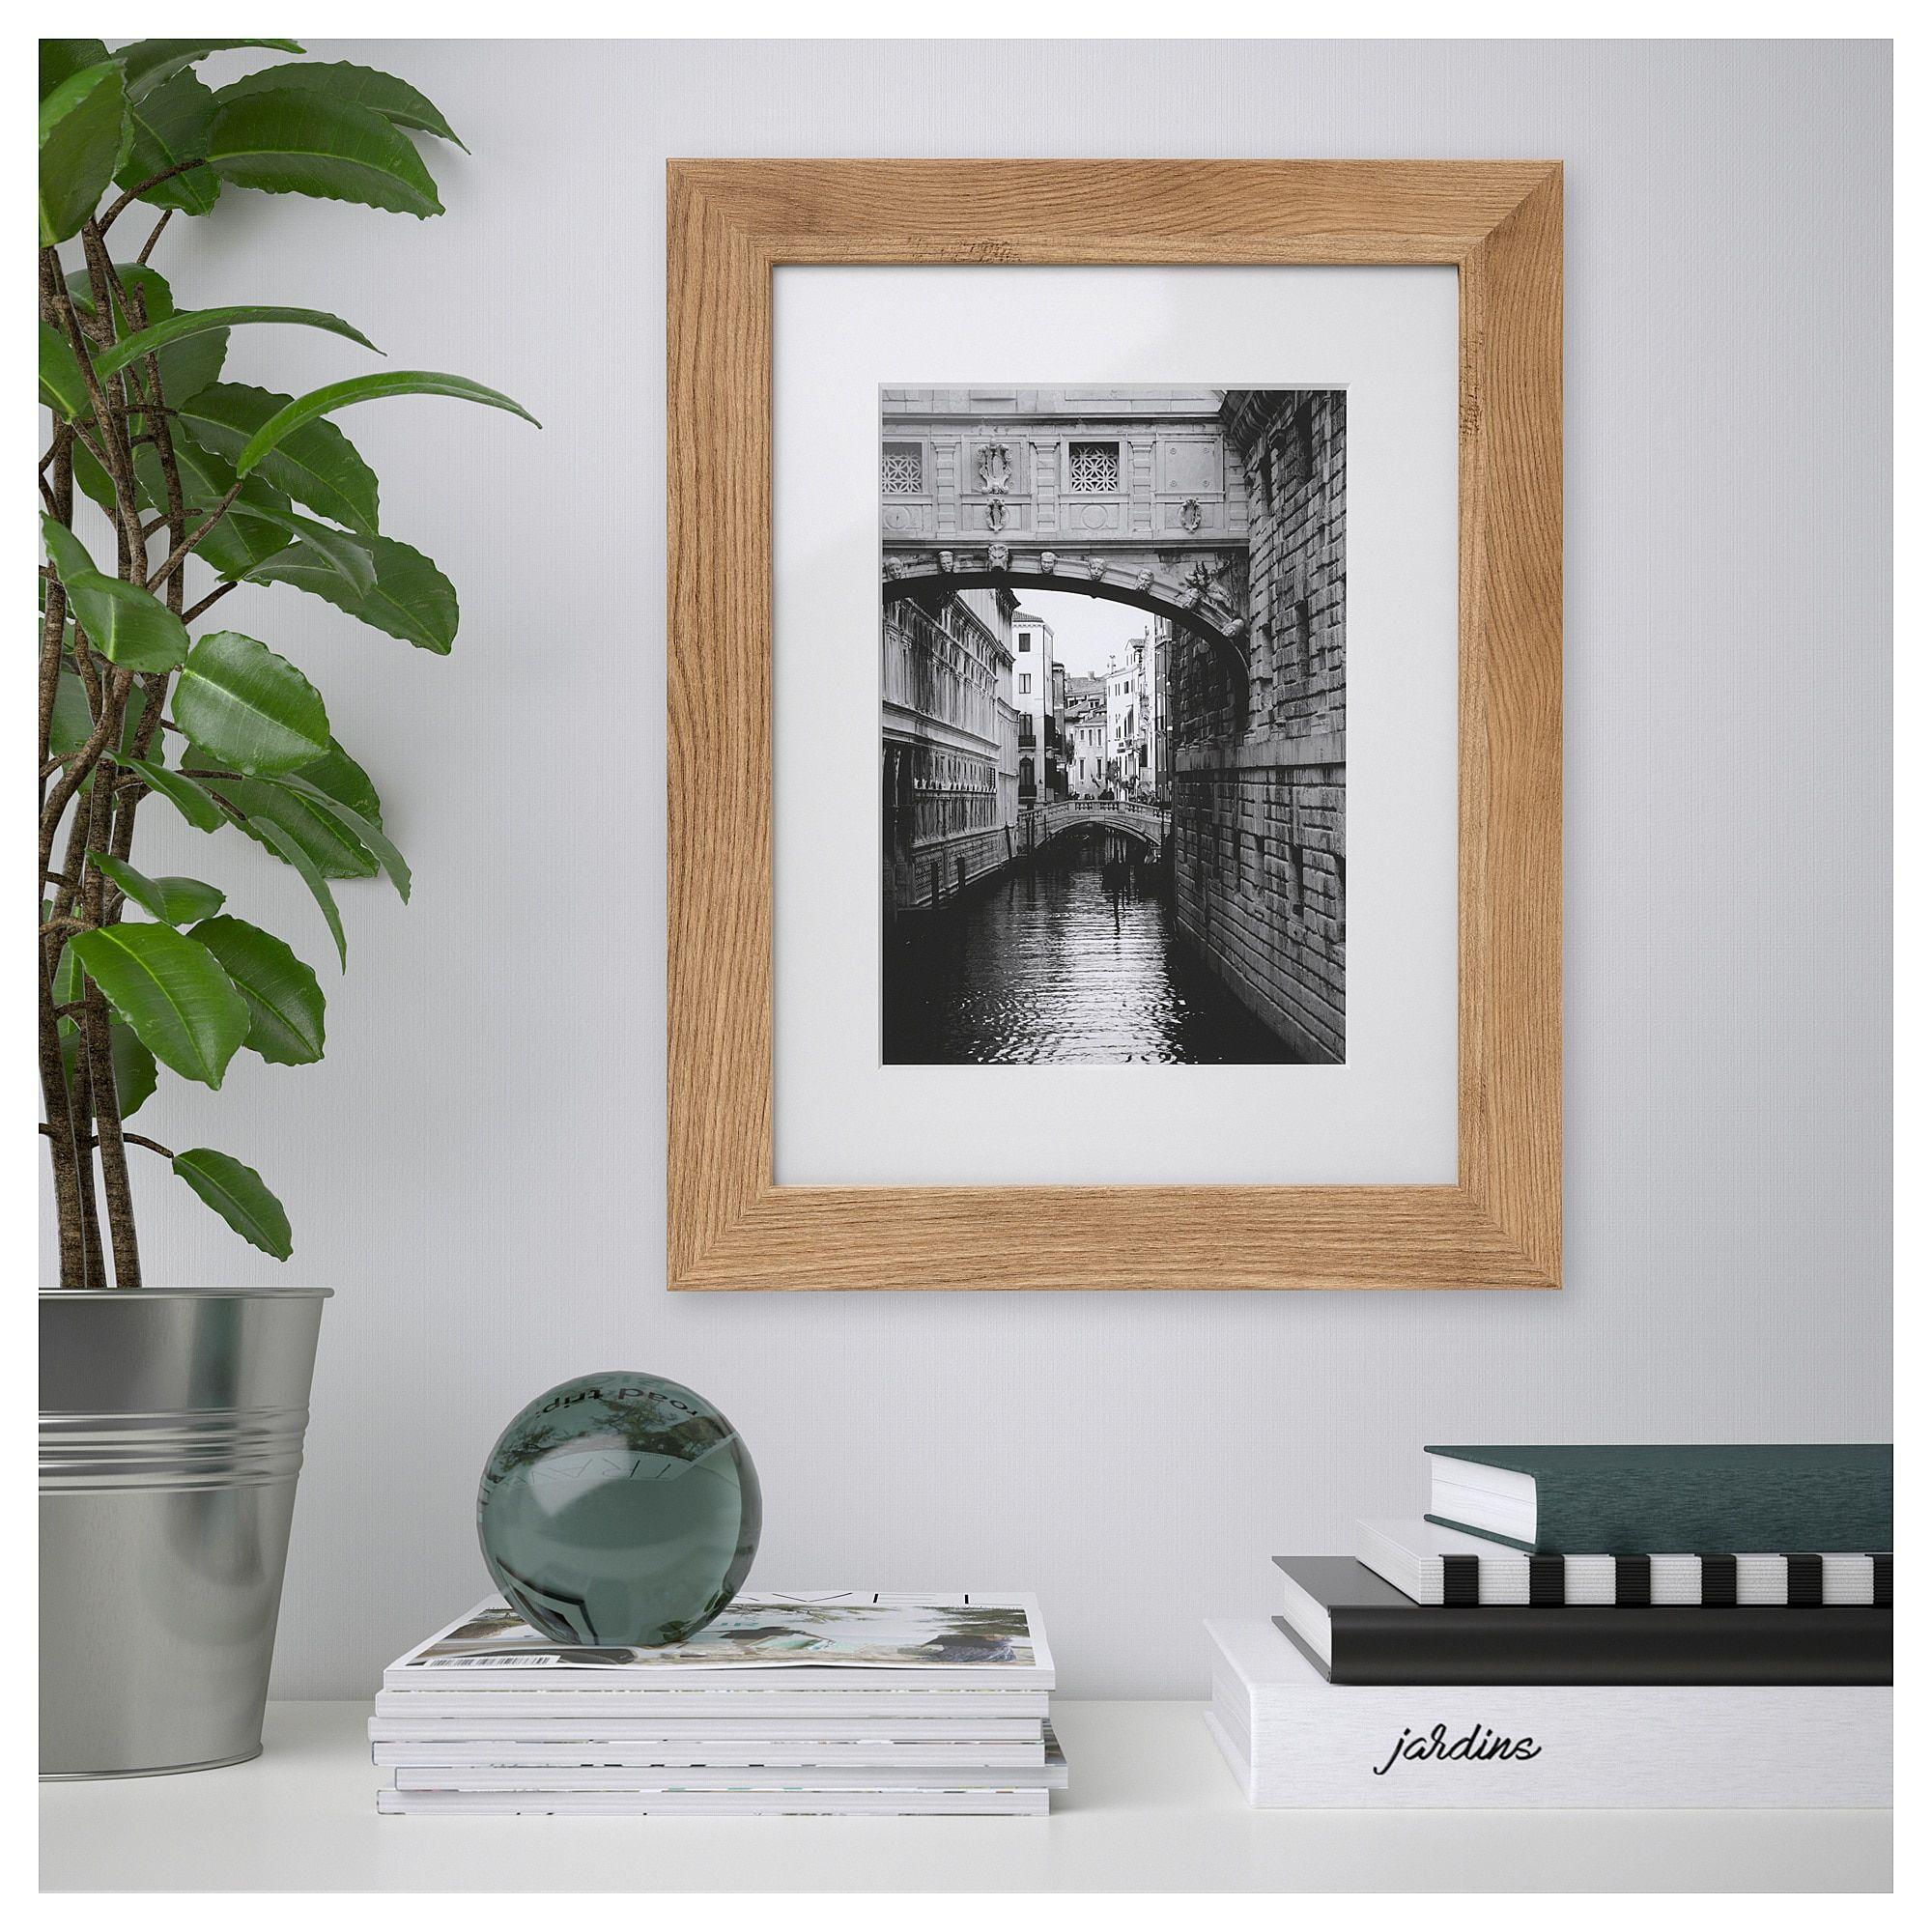 Dalskarr Frame Wood Effect Light Brown 12x16 31x41 Cm Frames On Wall Wood Picture Frames Frame